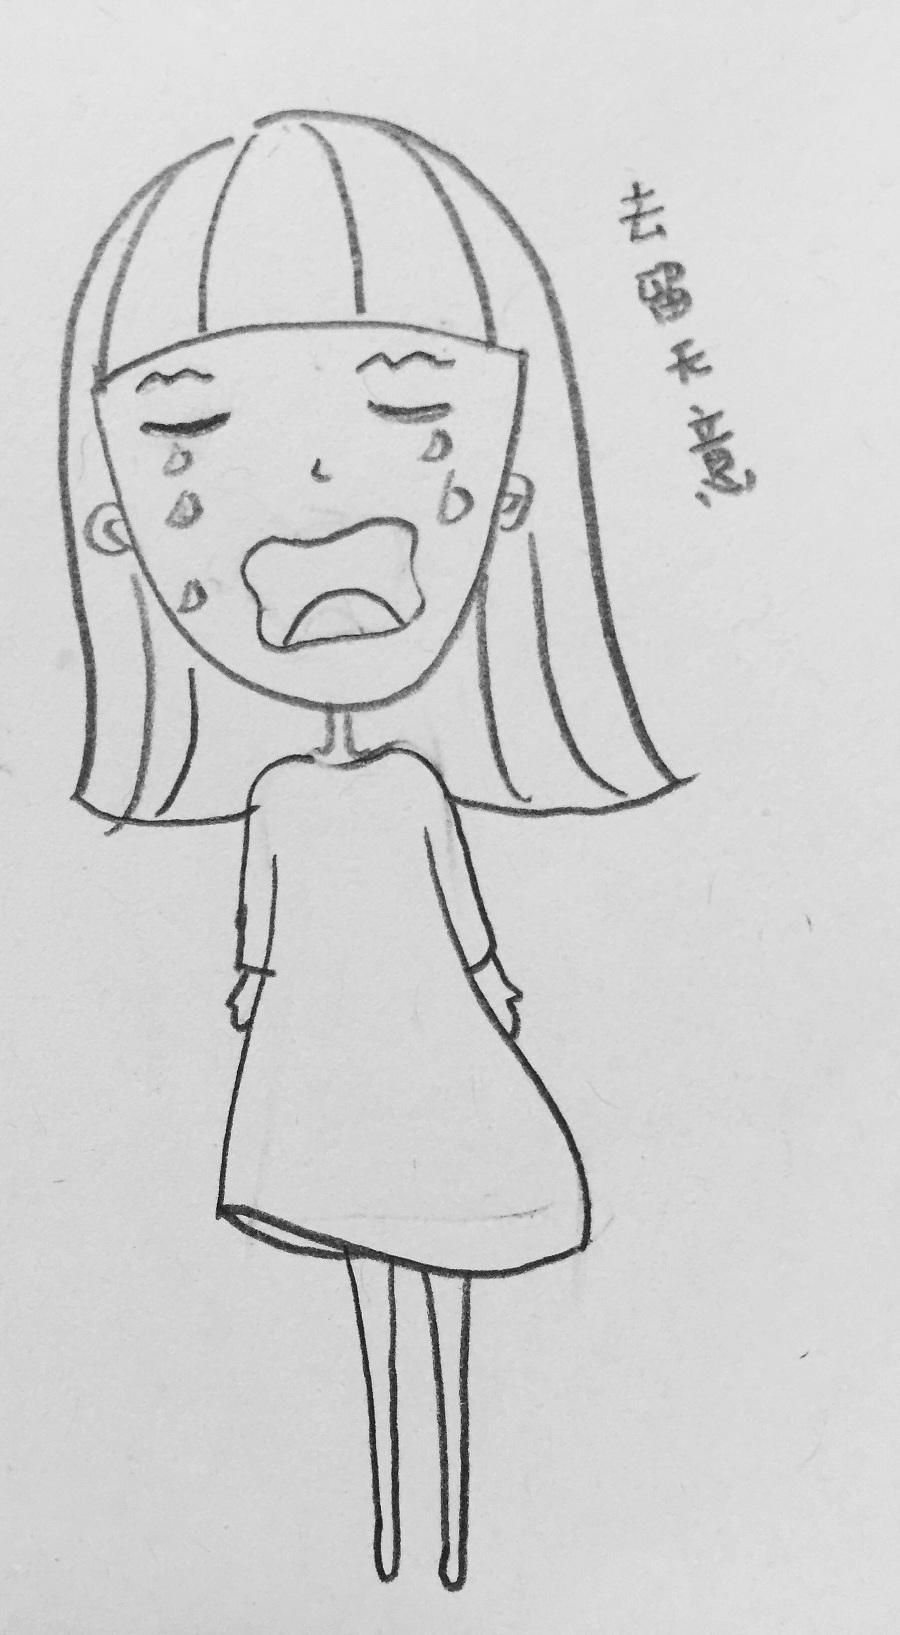 可爱的小人儿—简笔画|绘画习作|插画|小蕾leila